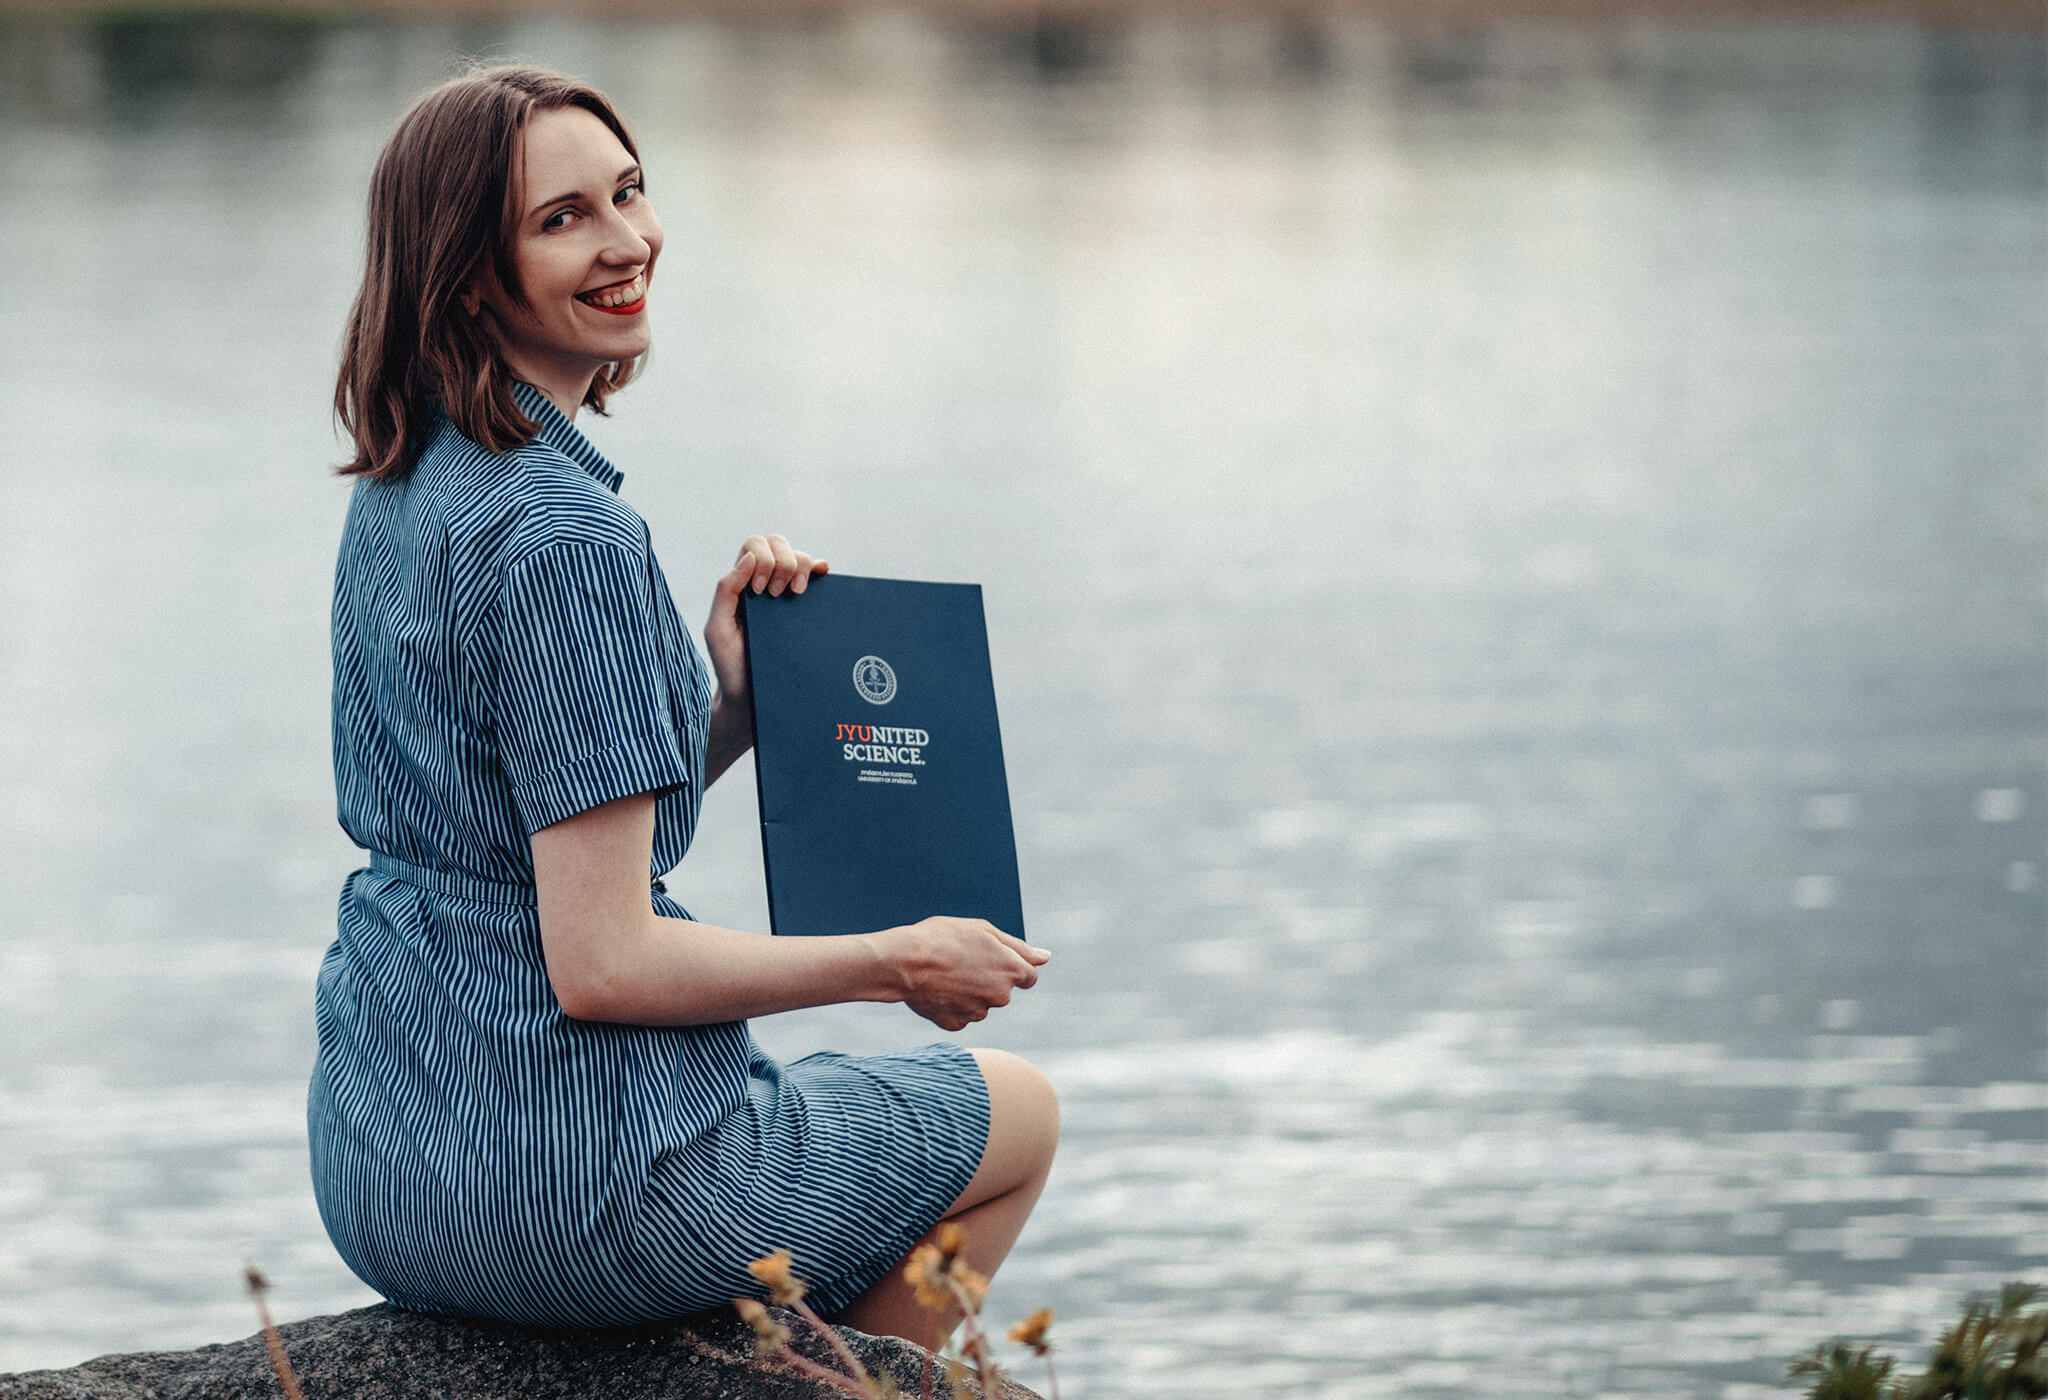 Valokuvat valmistujaiskuvaus Jyväskylän Äijälänrannassa